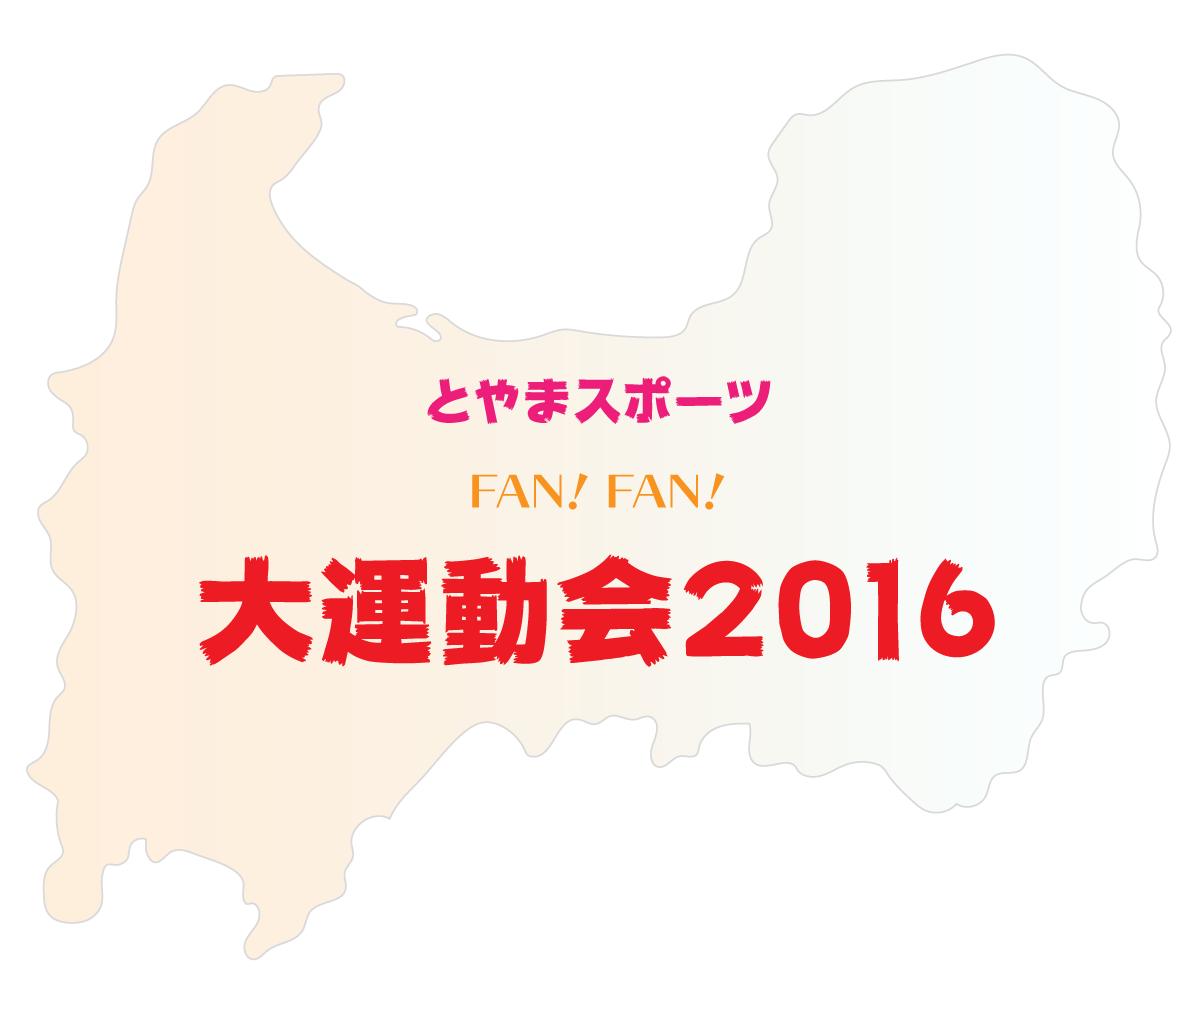 とやまスポーツFUN!FUN!大運動会2016